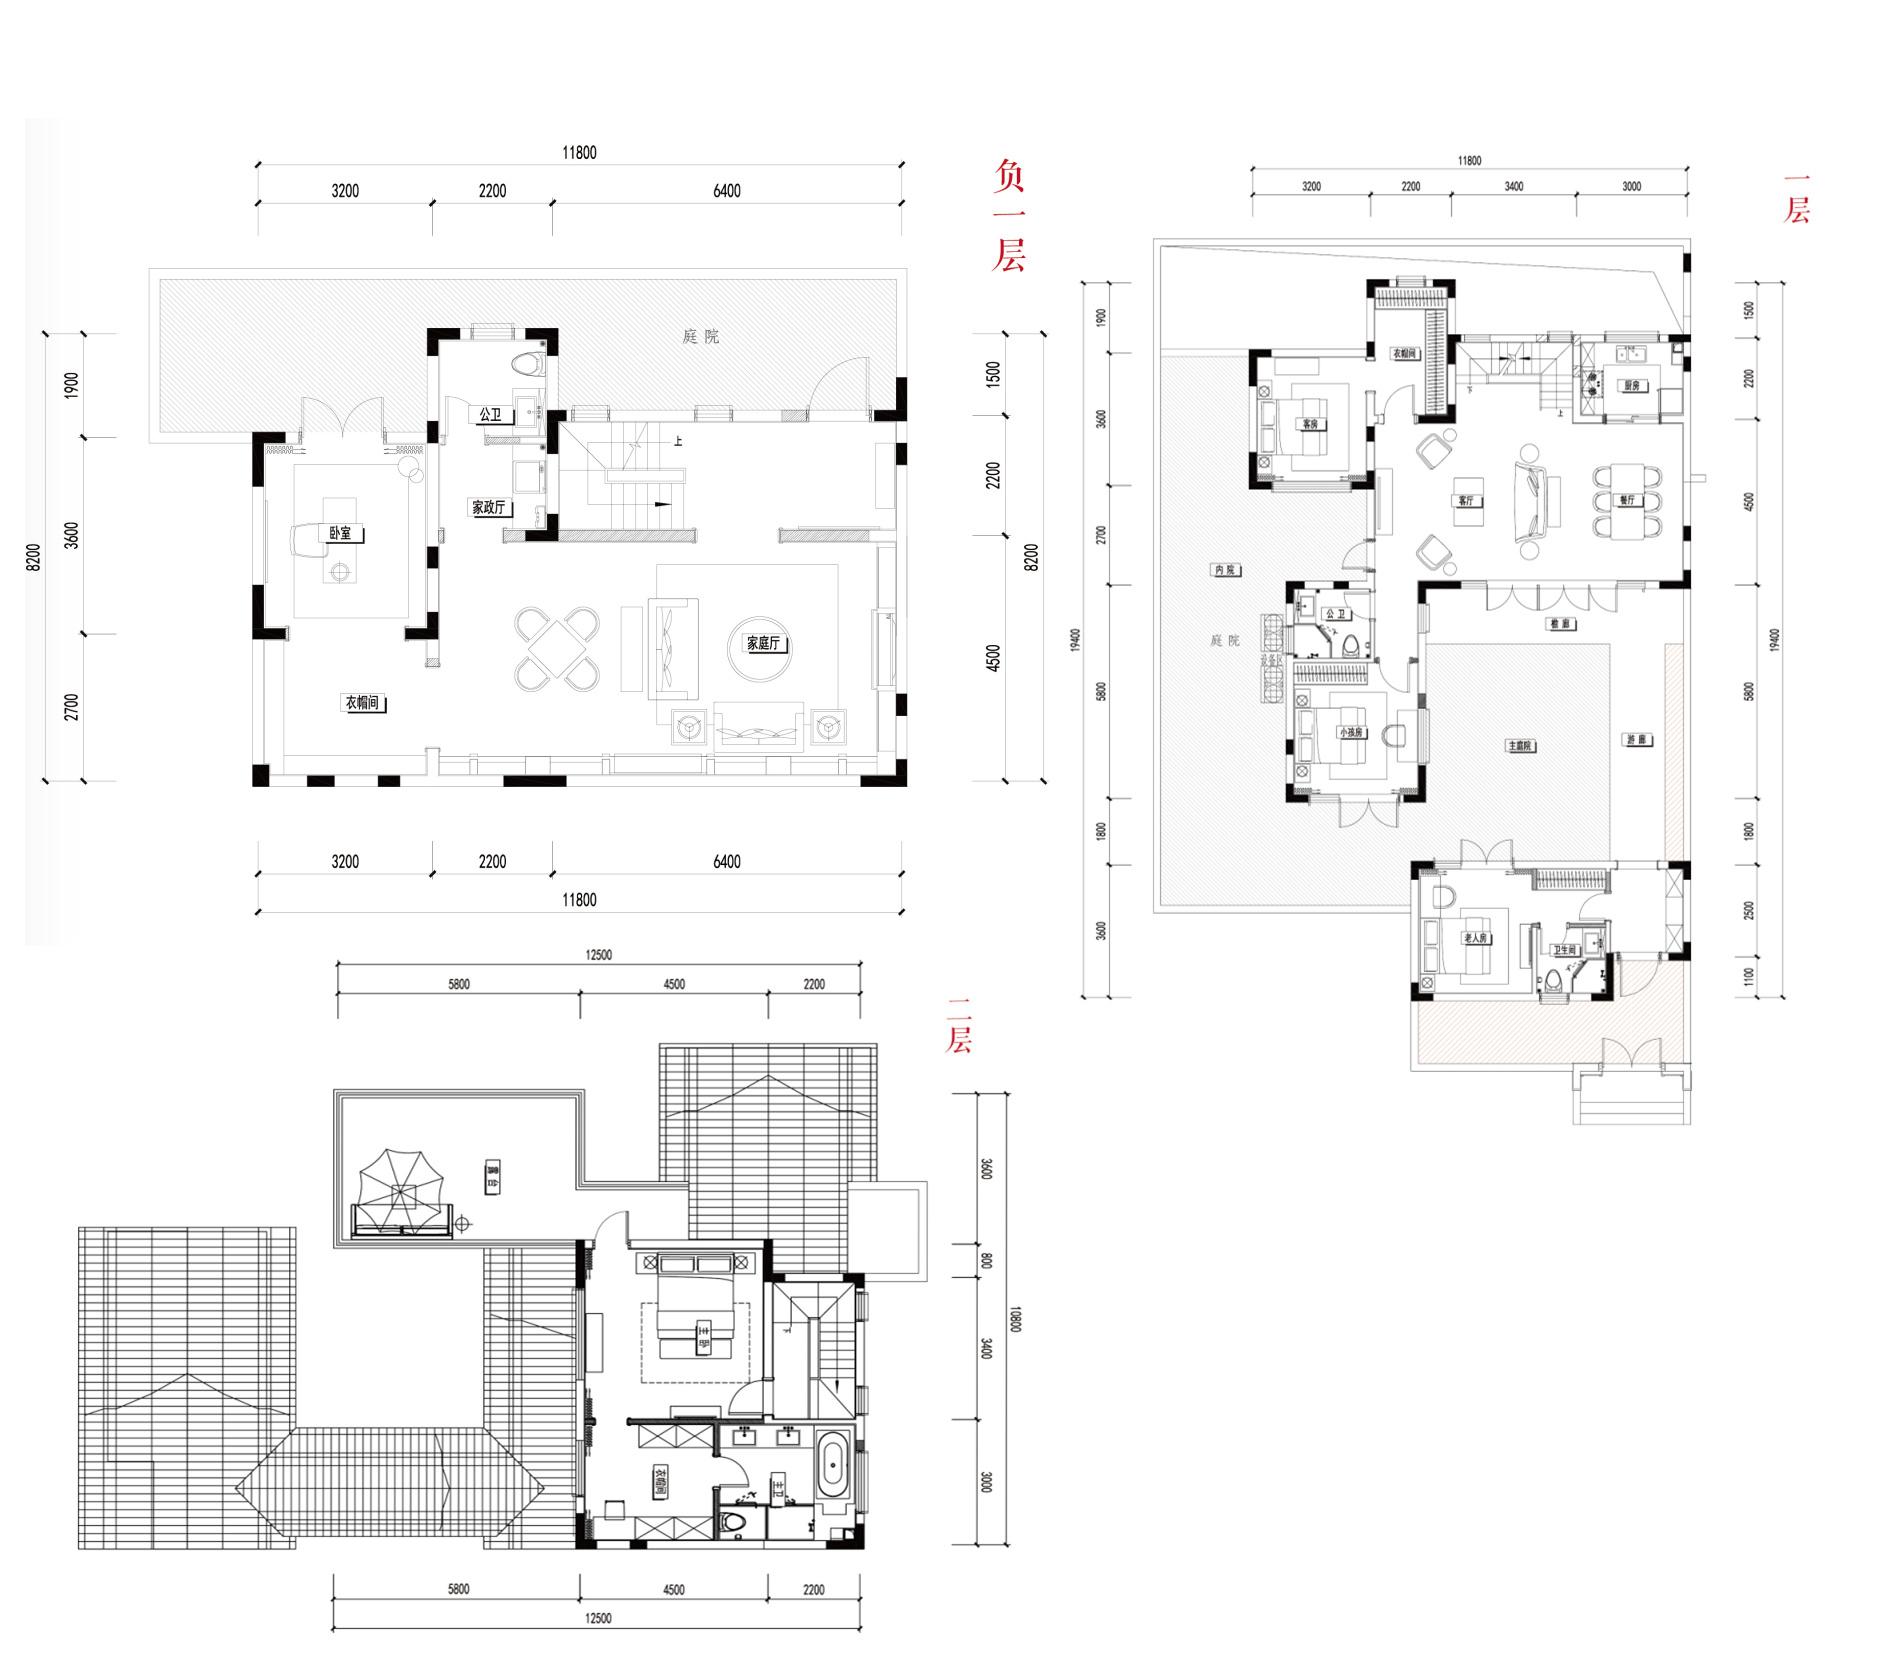 别墅B1 5室3厅4卫1厨 建面266㎡